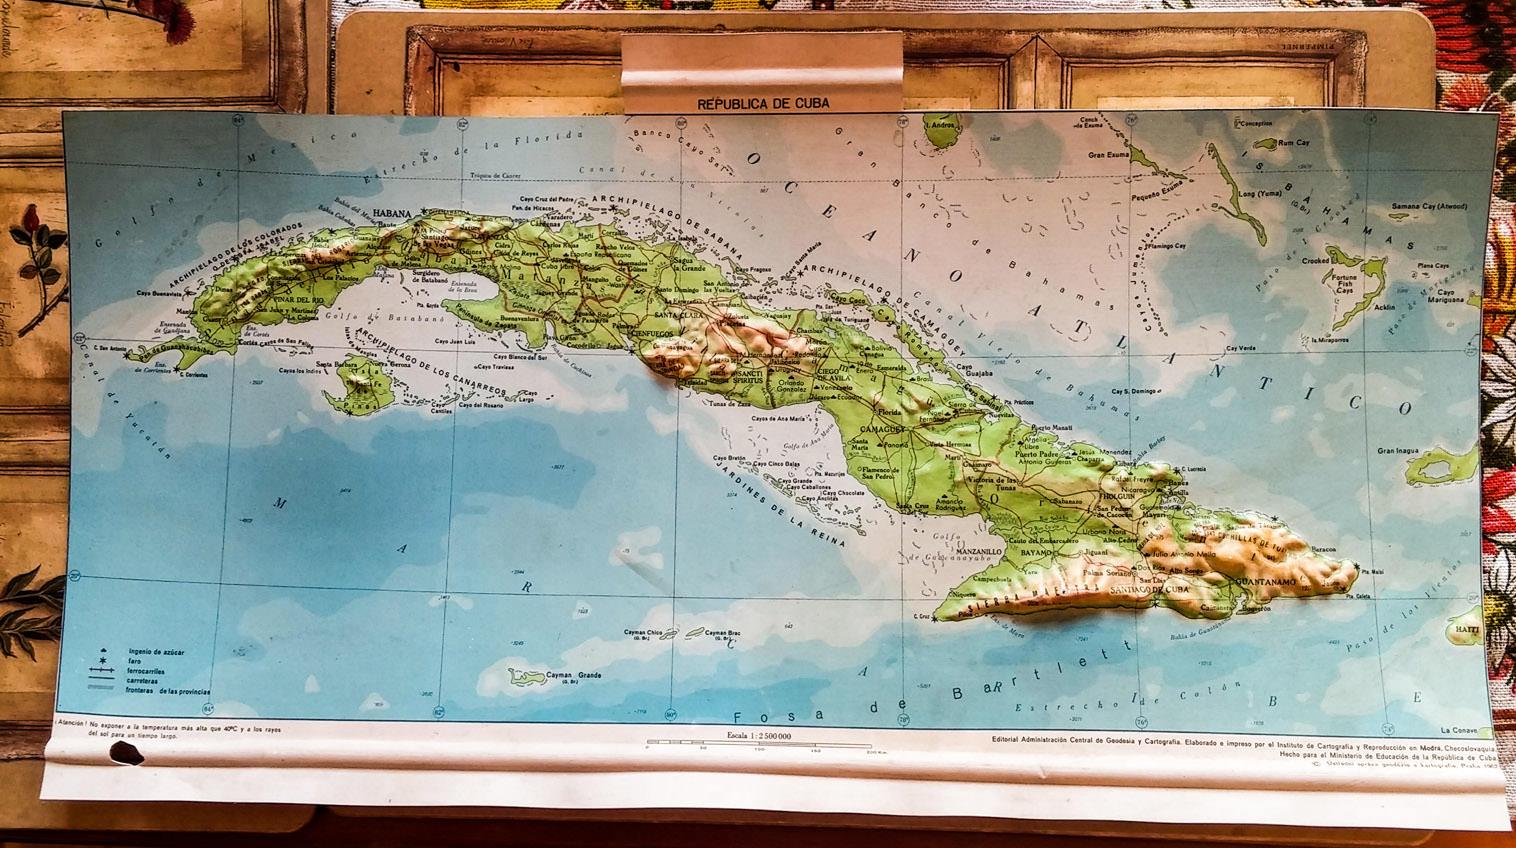 496. 1962. Карта Кубы, сделана в Праге